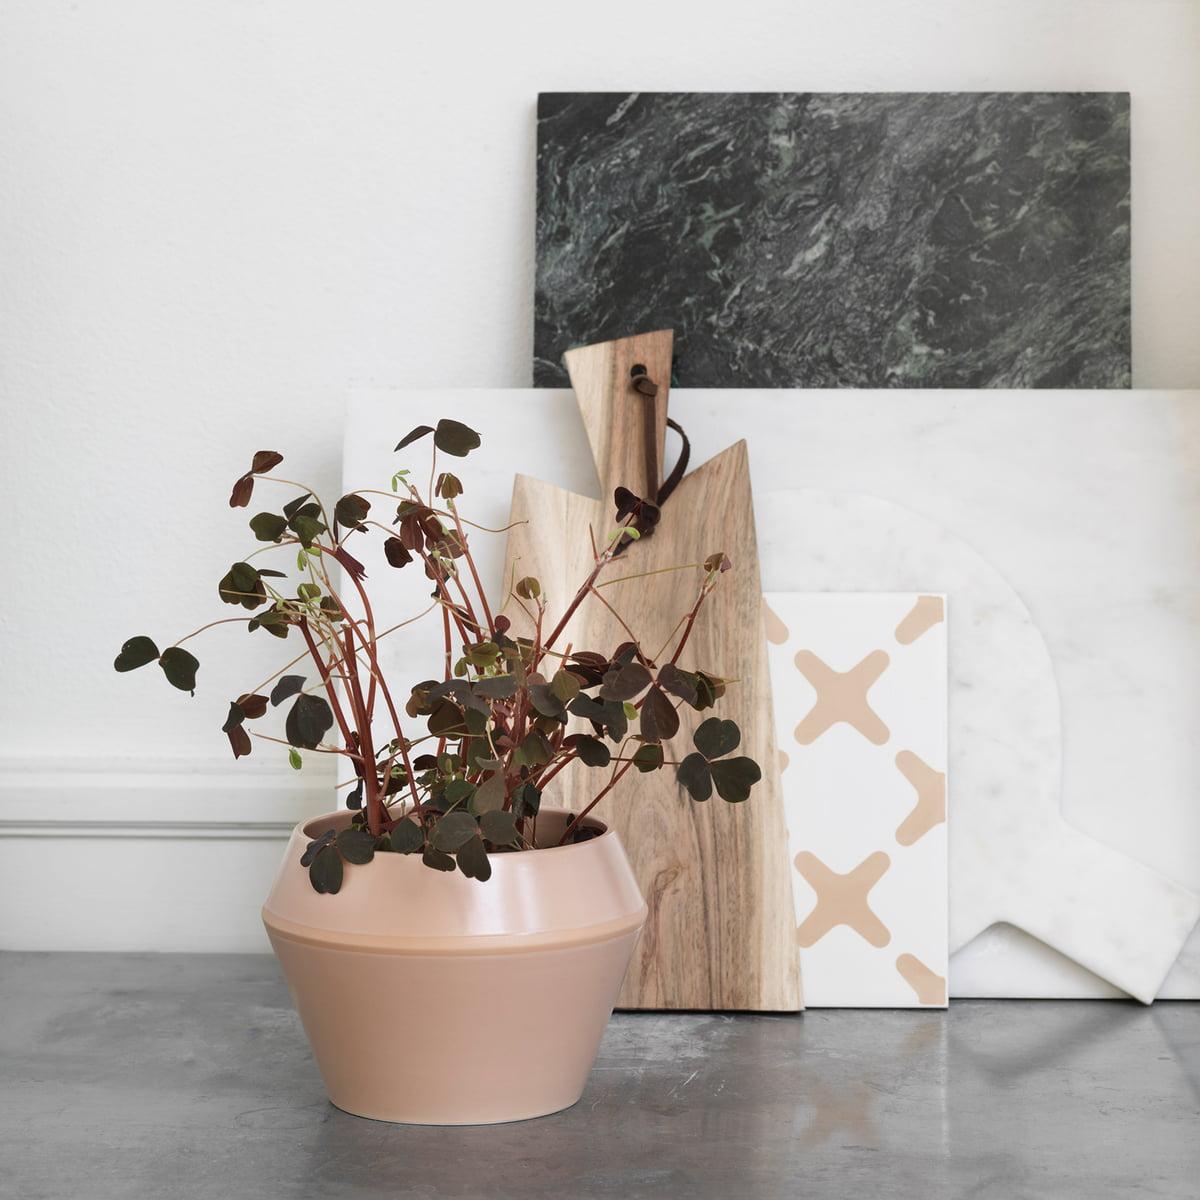 rimm blumentopf gro von by lassen im shop. Black Bedroom Furniture Sets. Home Design Ideas